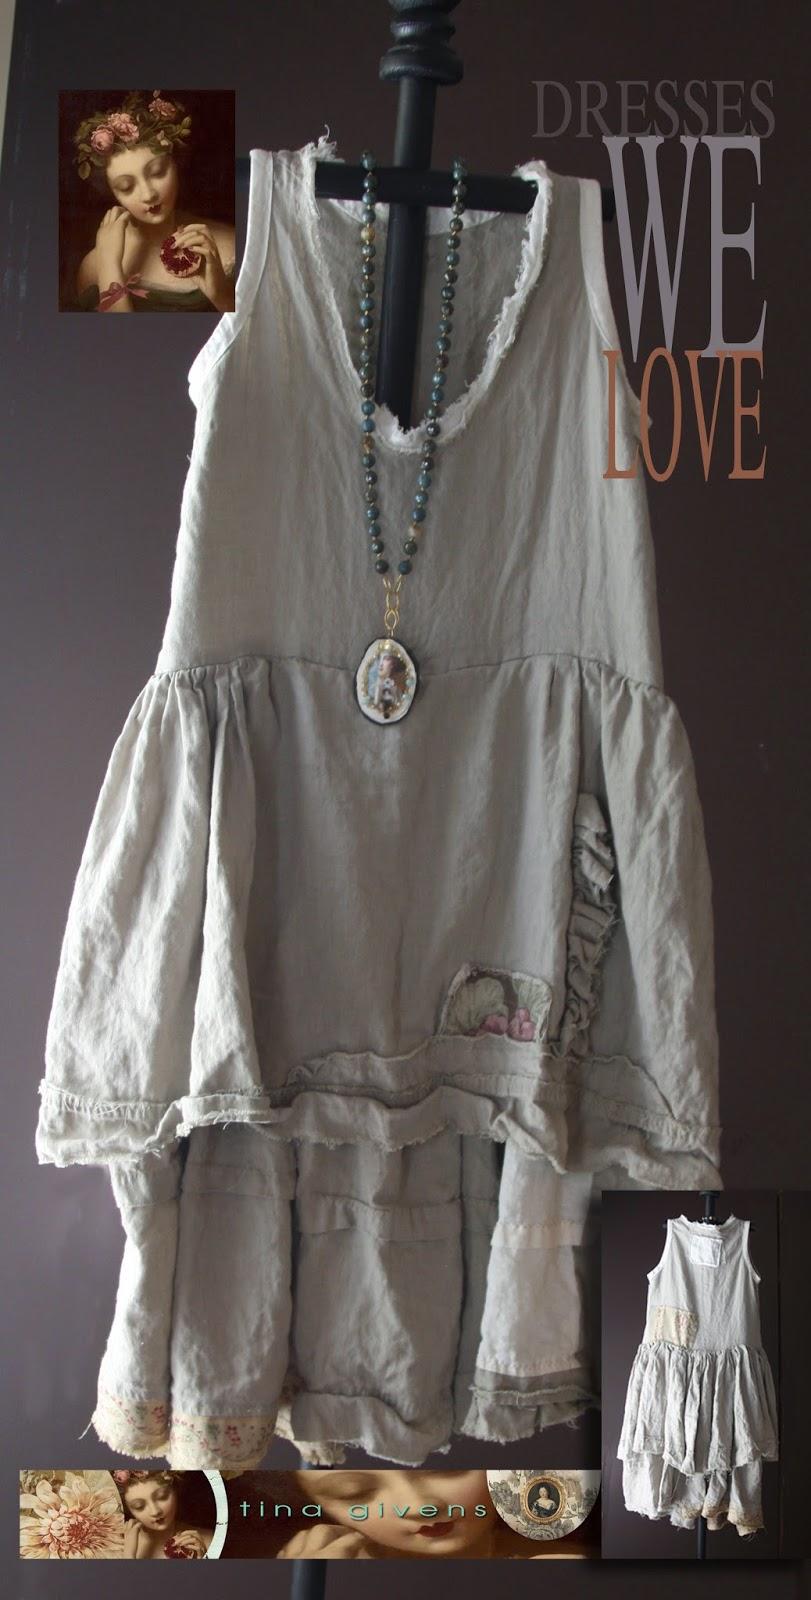 Tina Givens: NEW SEWING PATTERNS